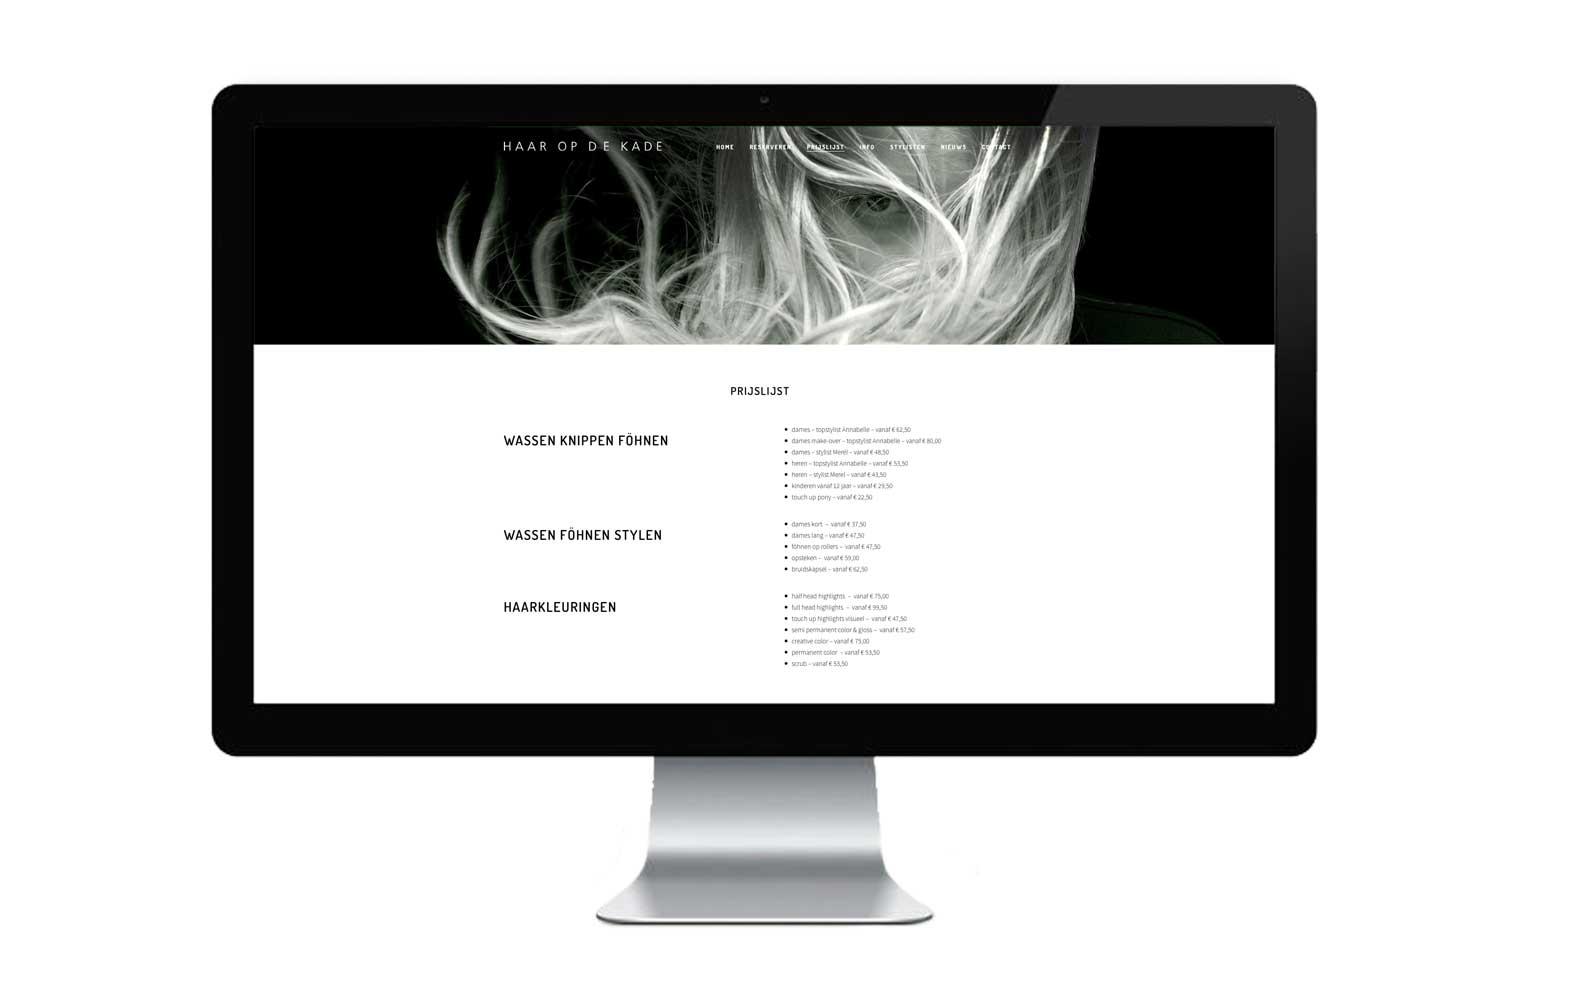 StudioErnst-WebDesign-HaaropdeKade2